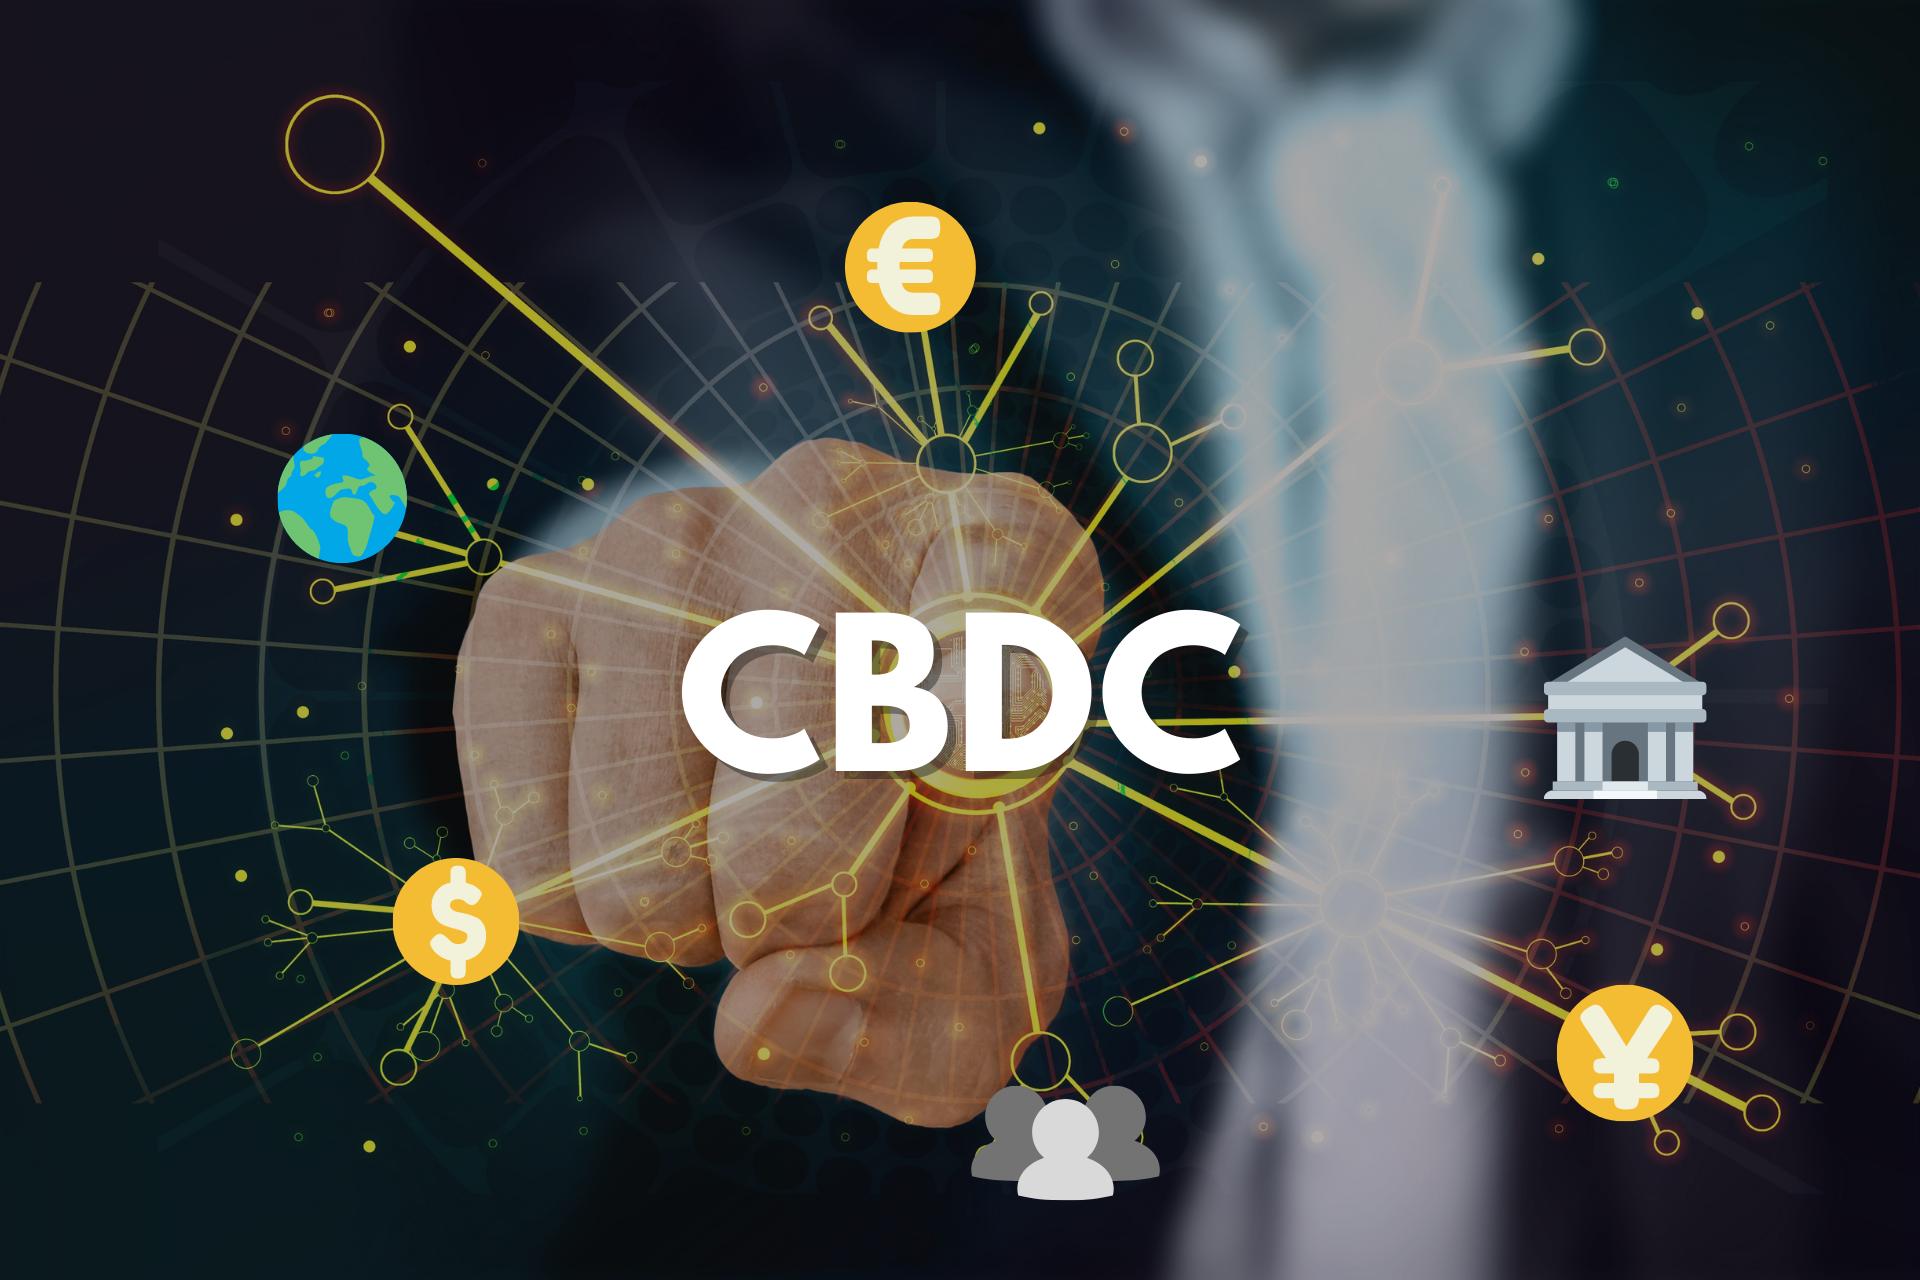 Corea del Sur iniciará pruebas del won digital, en la Reserva Federal estadounidense apoyan la llegada del dólar digital y tanto Sudáfrica como Indonesia se suman al estudio de las CBDC